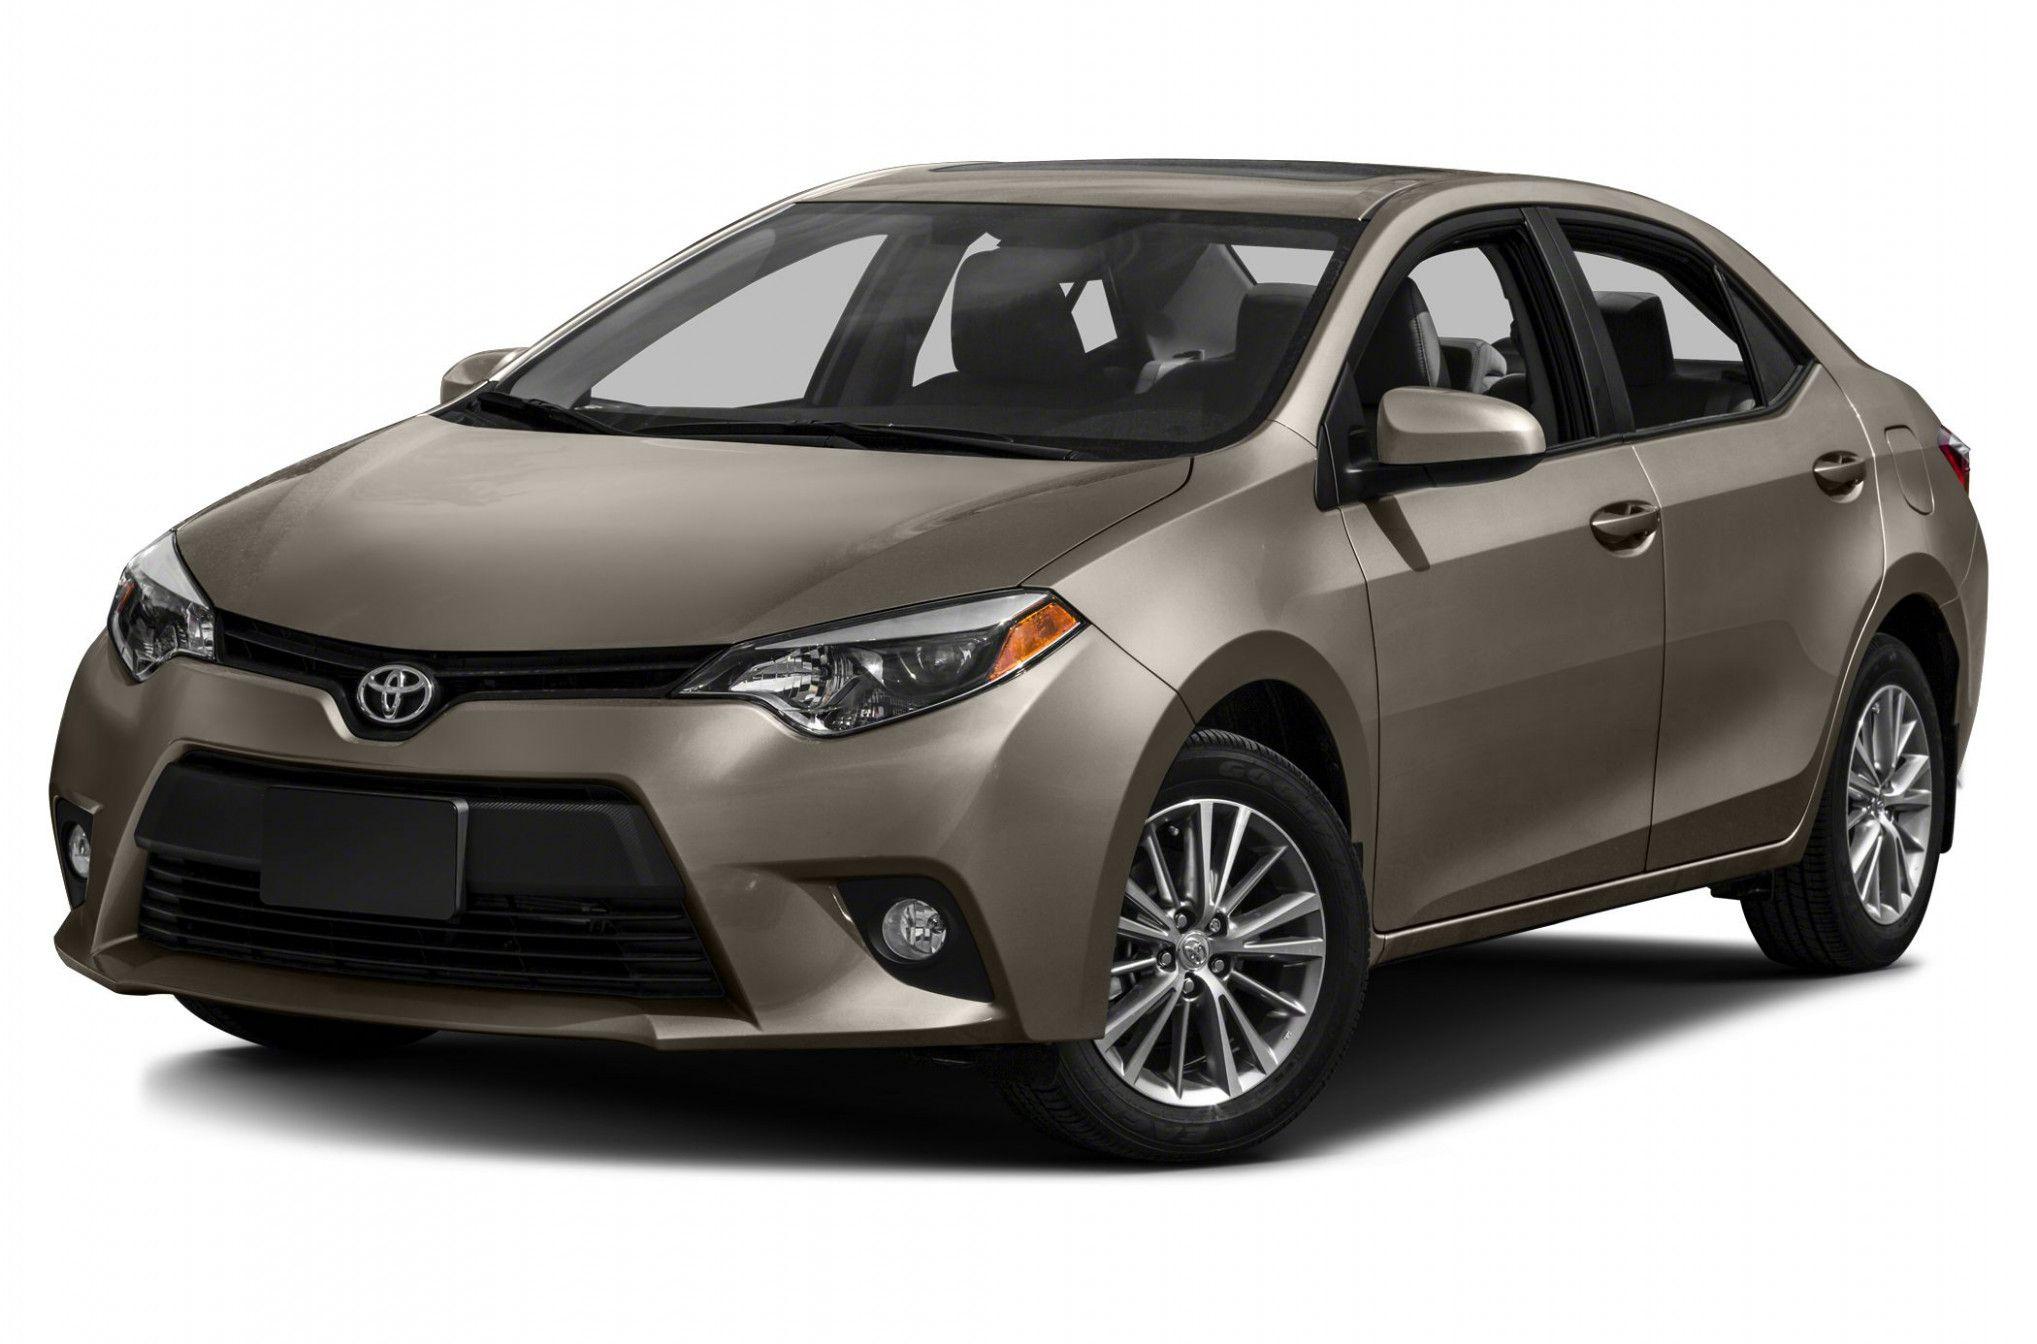 Toyota Corolla Le Price Exterior And Interior In 2020 Toyota Corolla Toyota Corolla Le Toyota Corolla 2016